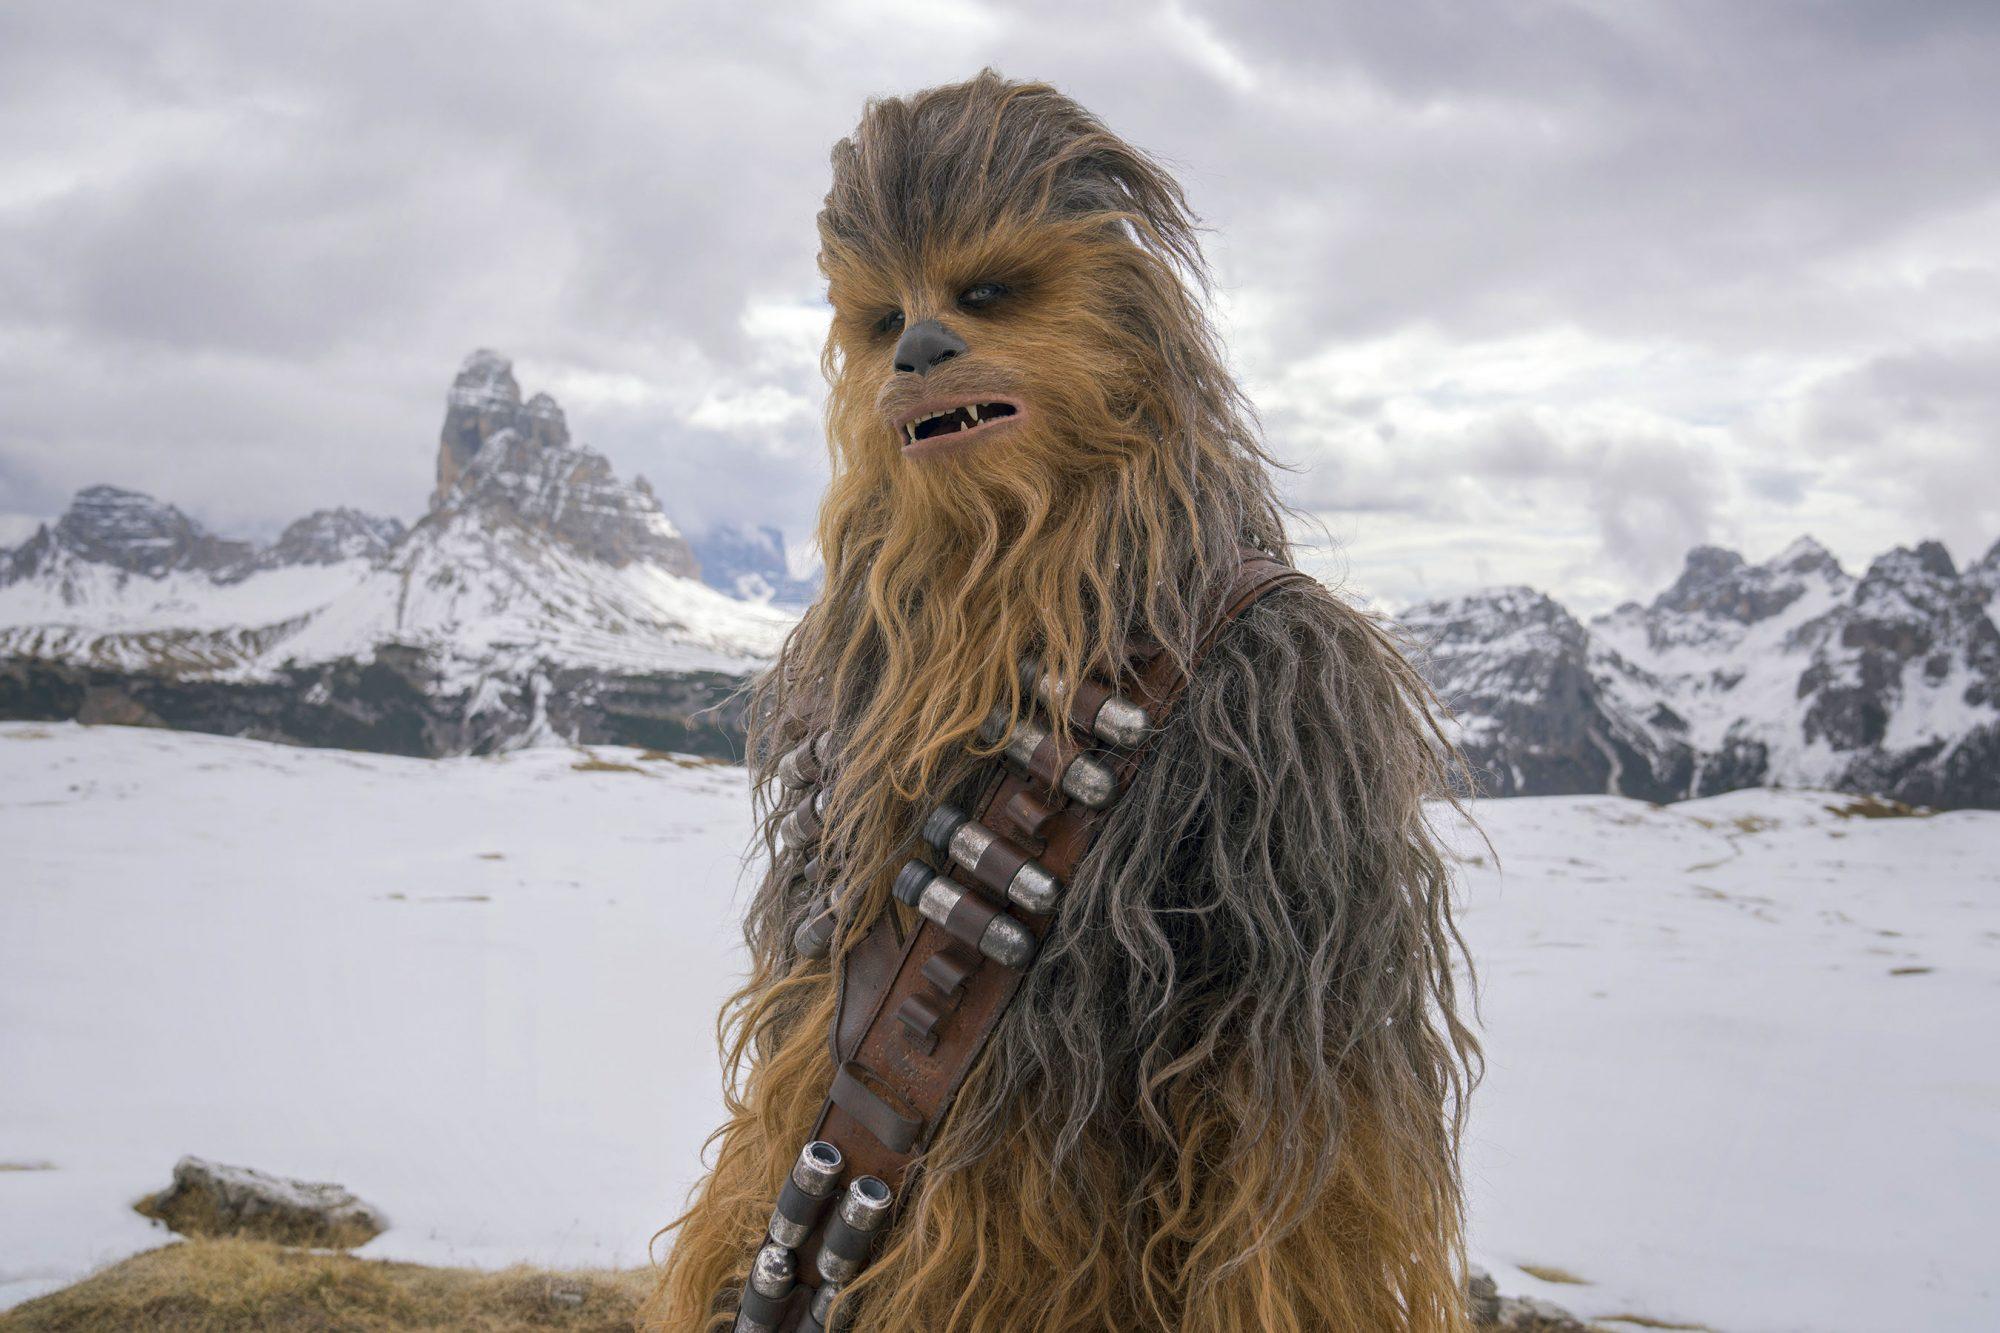 Wookiees' greatest fear